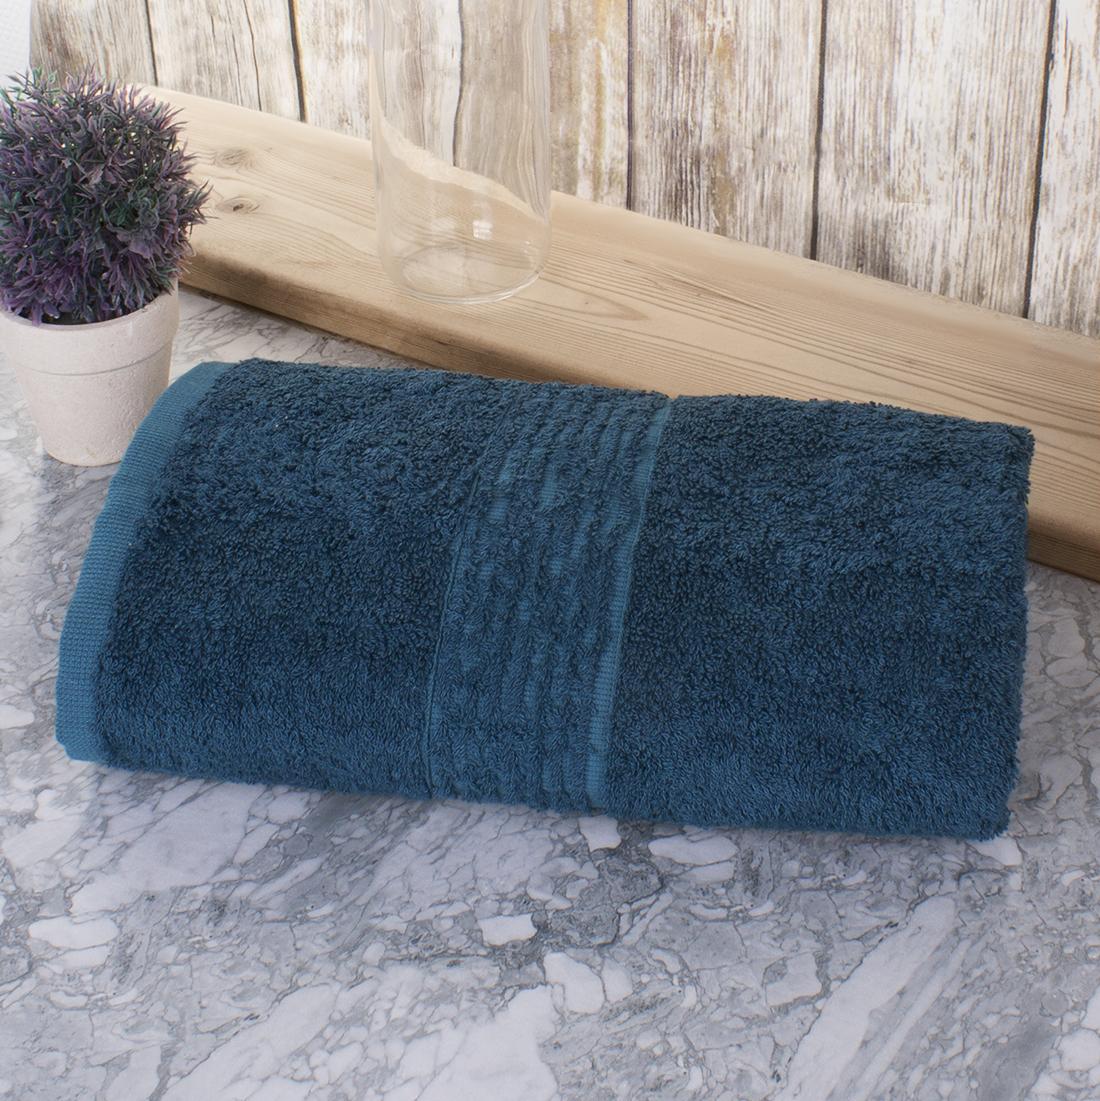 """Самым востребованным материалом для полотенец на сегодняшний день остается бамбук. Бамбуковое волокно является самым экологичным и безопасным сырьем. Бамбук впитывает в 3 раза больше влаги чем хлопок. Благодаря этому бамбук идеален для полотенец. Dome """"Harmonika"""" в составе которого 60% бамбука и 40% хлопка - это идеальное соотношение бамбука и хлопка для полотенца. При таком количестве бамбукового волокна в составе, полотенце приобретает все свойства бамбука, а 40% хлопка делают полотенце износостойким! Полотенце Dome """"Harmonika"""" долго будет радовать вас роскошью бамбука!"""